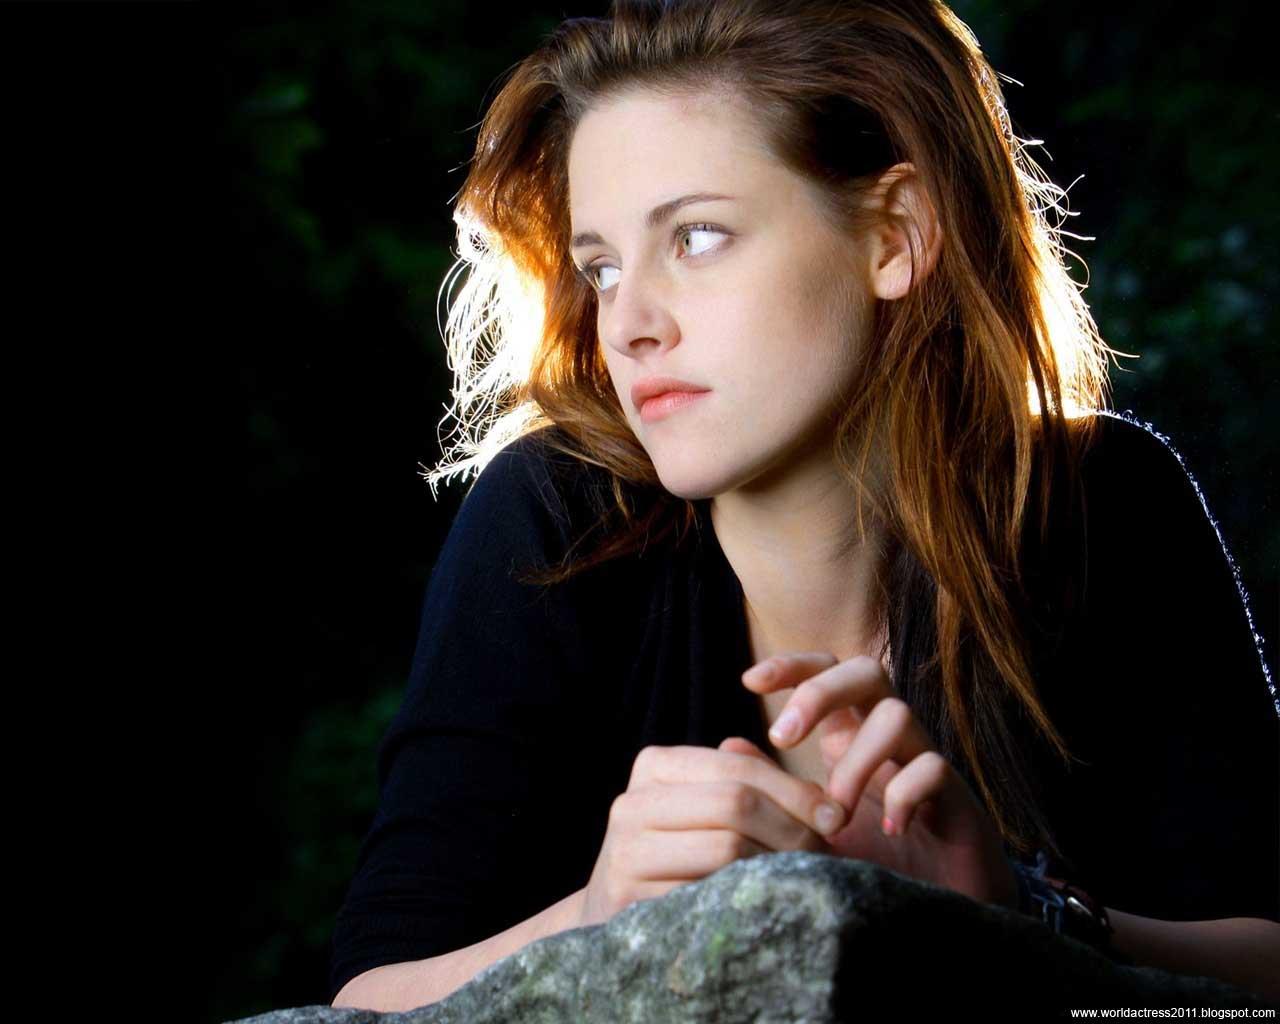 http://3.bp.blogspot.com/_ynR6cm9boNo/TSXtIaOB_SI/AAAAAAAAAbY/Harv9fiRbnw/s1600/World+Actress+2011+Kristen+Stewart+57.jpg